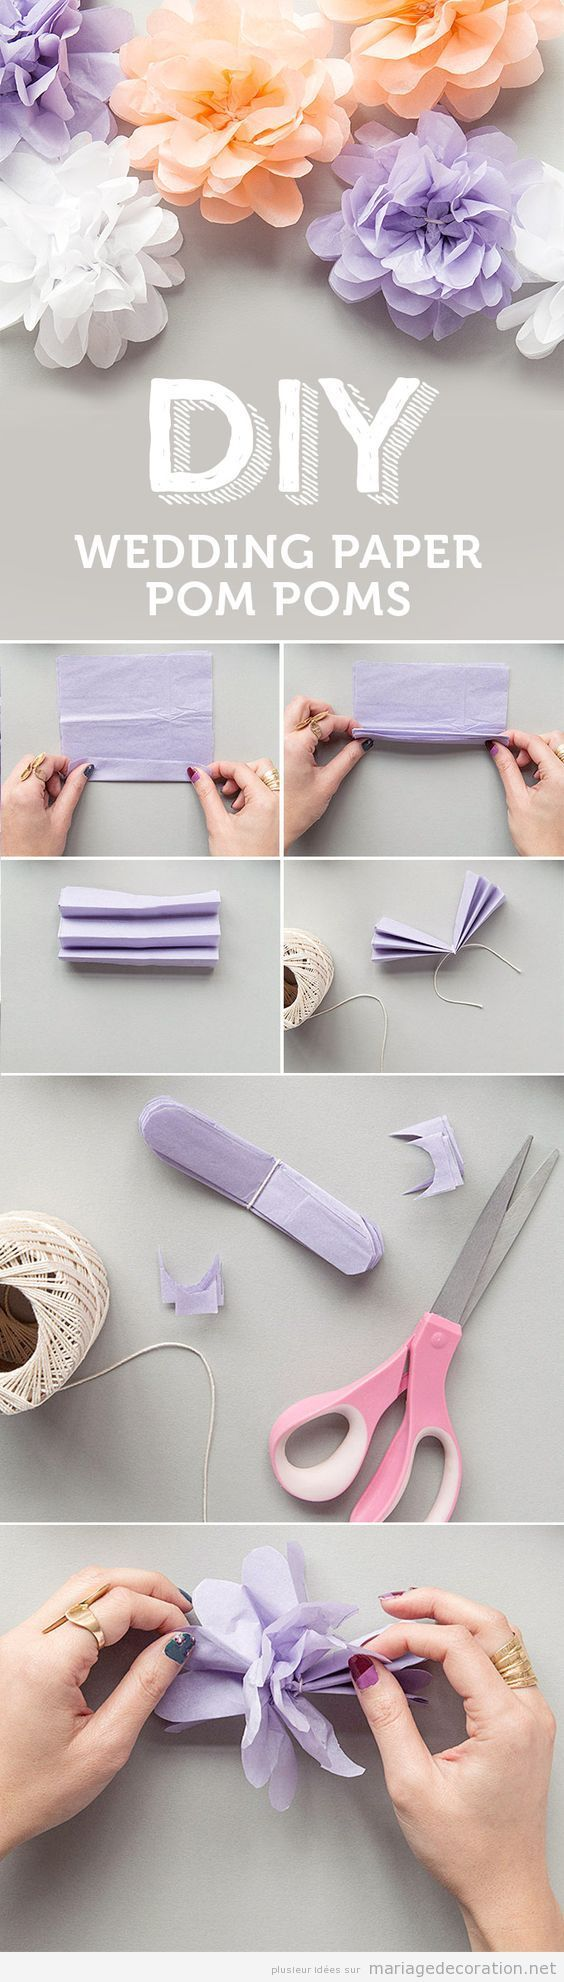 Tuto fabriquer pompons en papier pour décorer mariage pas cher